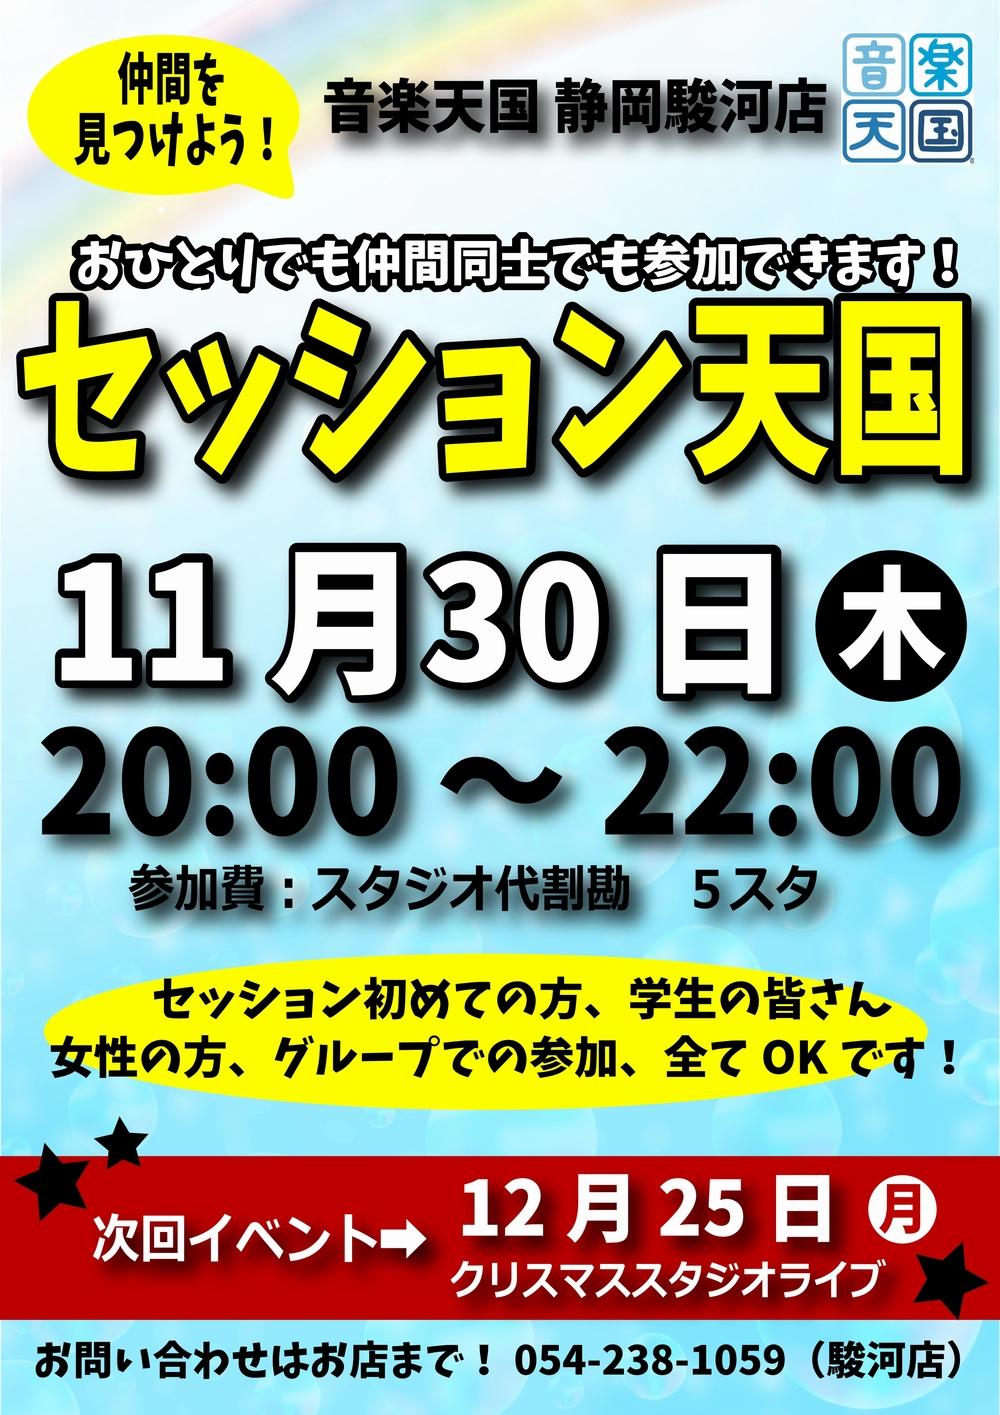 【セッション天国】音楽天国・静岡駿河店11月30日(木)開催